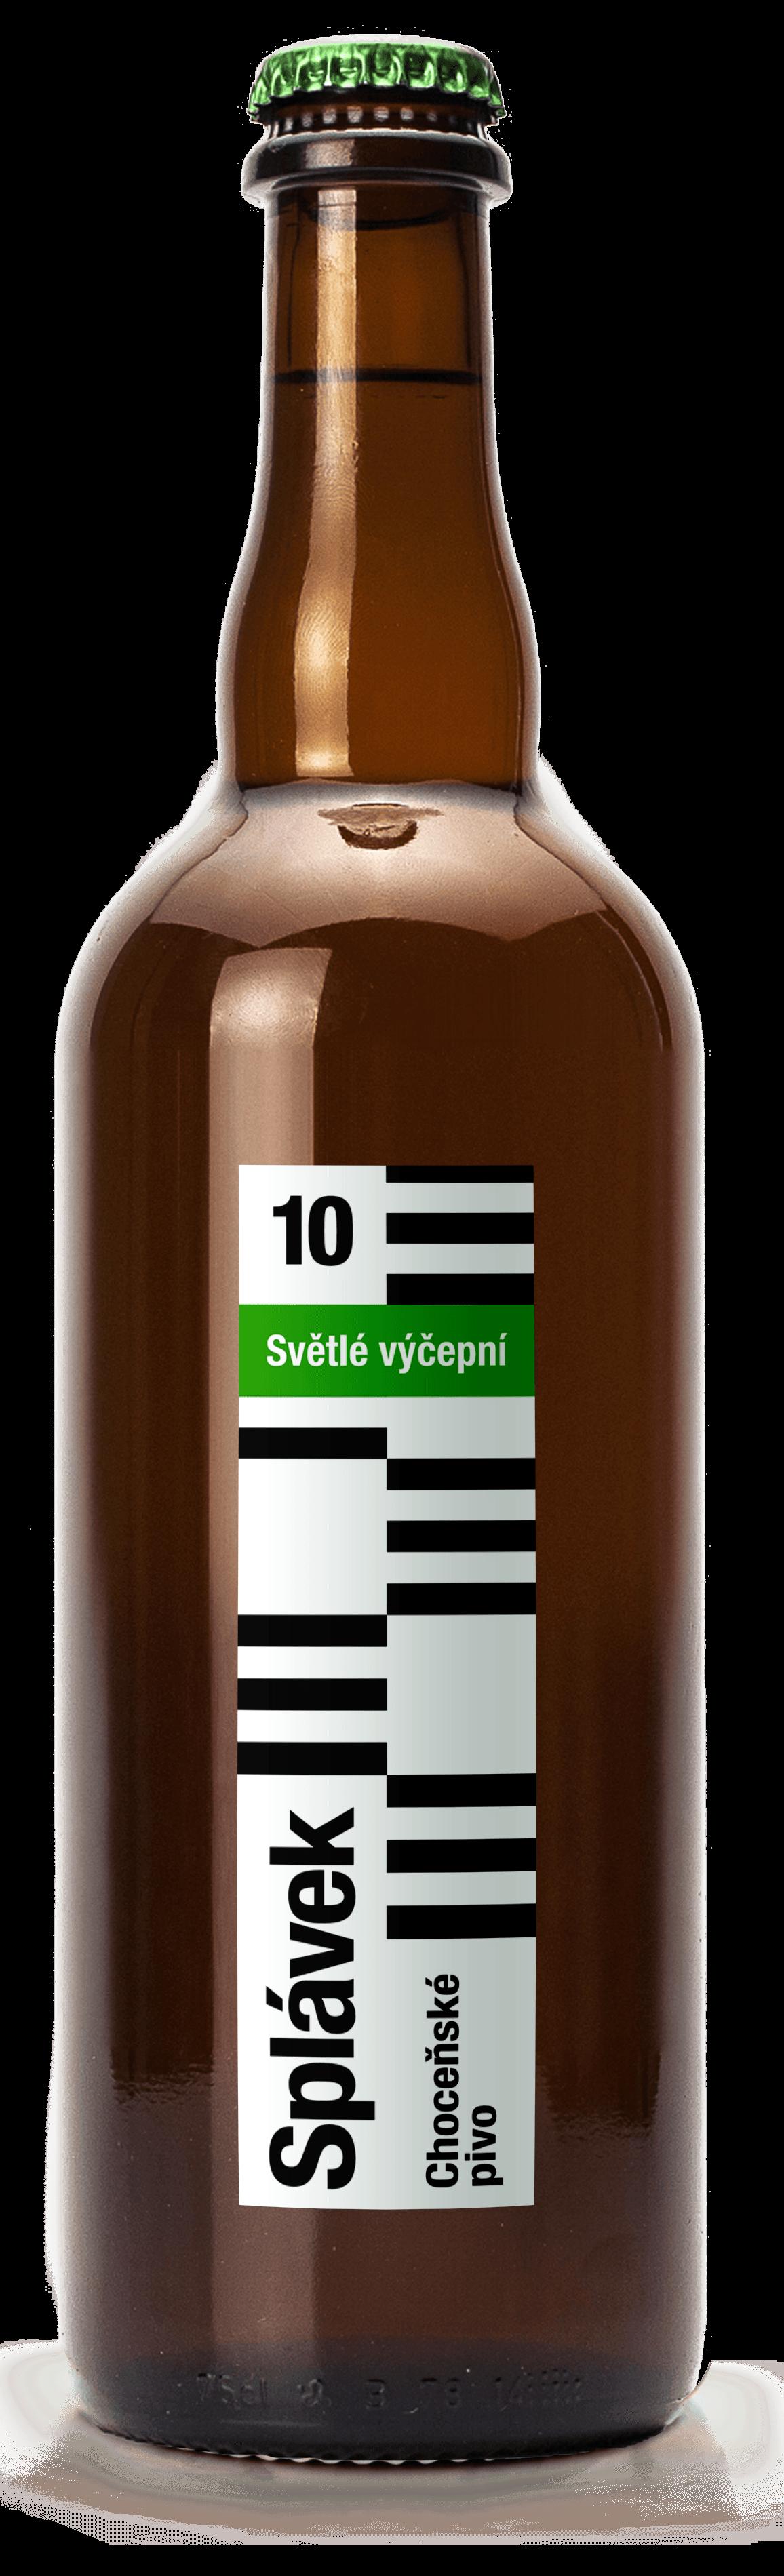 pivni lahev Splavek 10